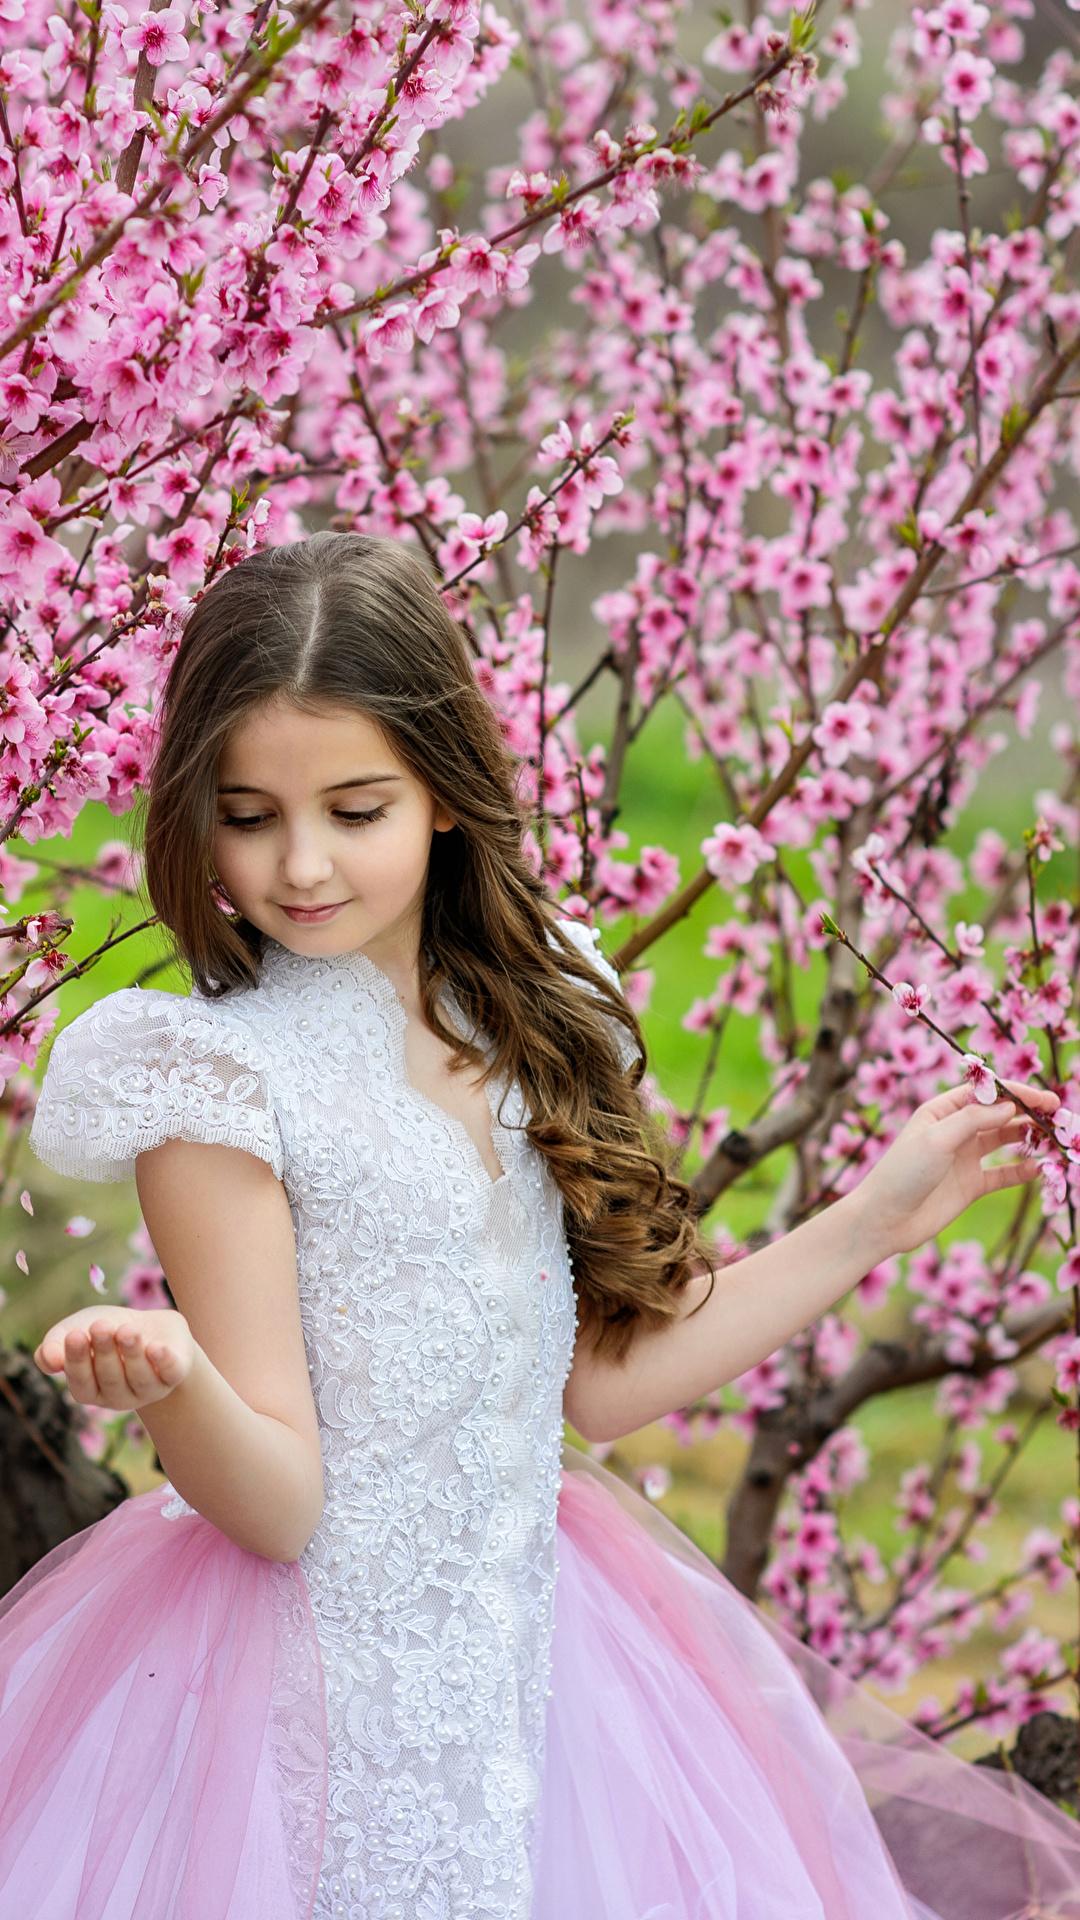 Фото Девочки ребёнок весенние Платье Цветущие деревья 1080x1920 для мобильного телефона девочка Дети Весна платья